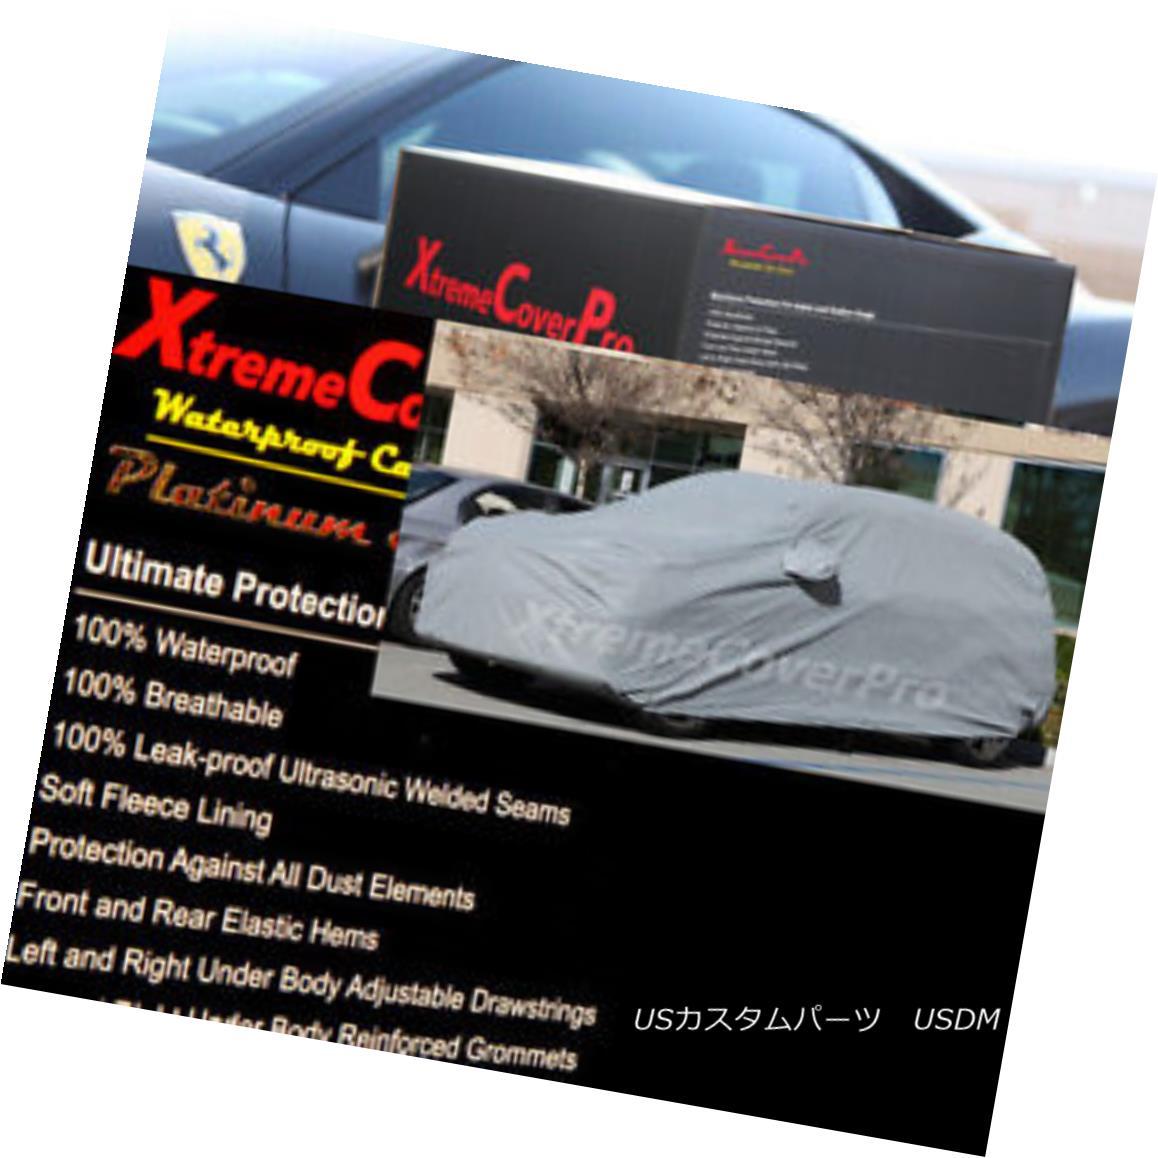 カーカバー WATERPROOF CAR COVER W/MIRROR POCKET for 2018 2017 2016 2015 2014 INFINITI QX70 2018年の防水カーカバーWIR / MIRROR POCKET 2017 2016 2015 2014 INFINITI QX70